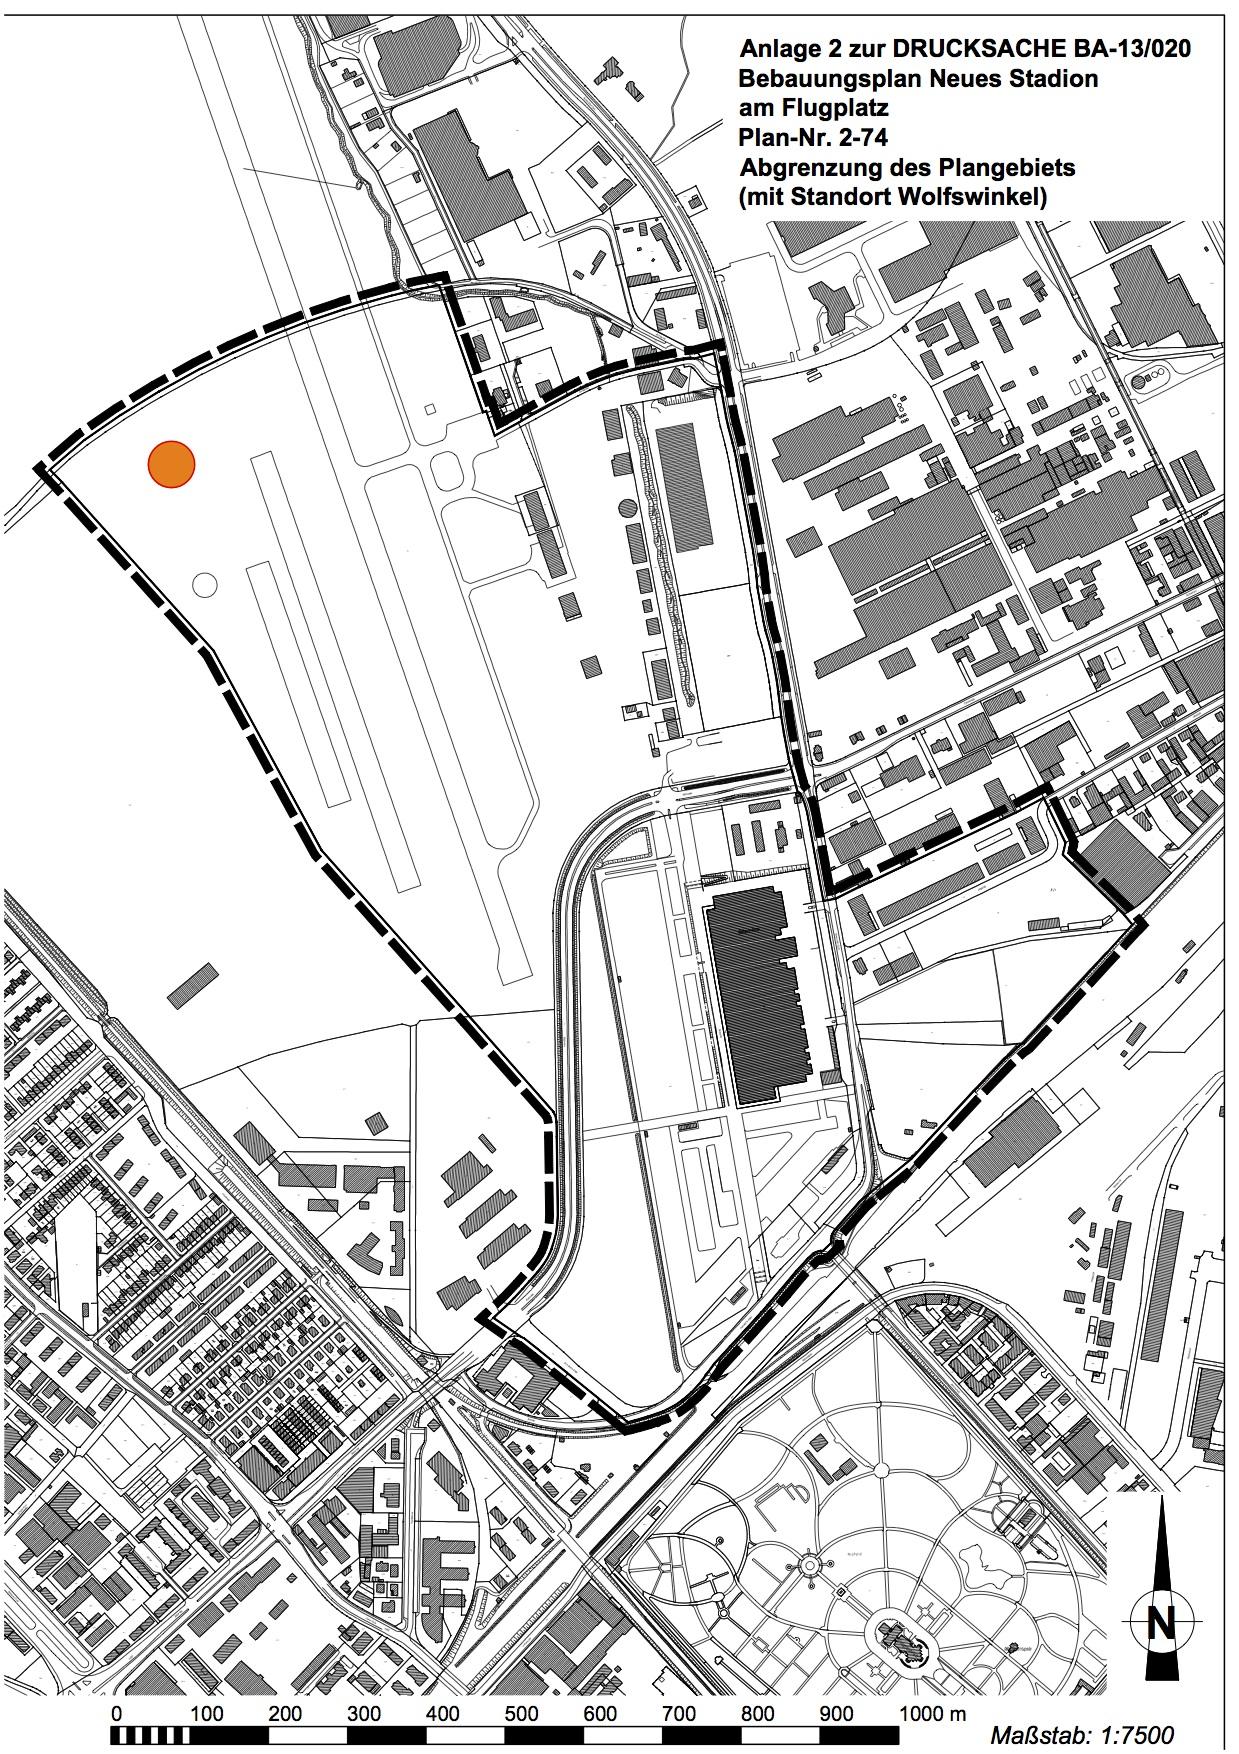 anfrage zum aufstellungsbeschlu sc stadion am flugplatz junges freiburg. Black Bedroom Furniture Sets. Home Design Ideas